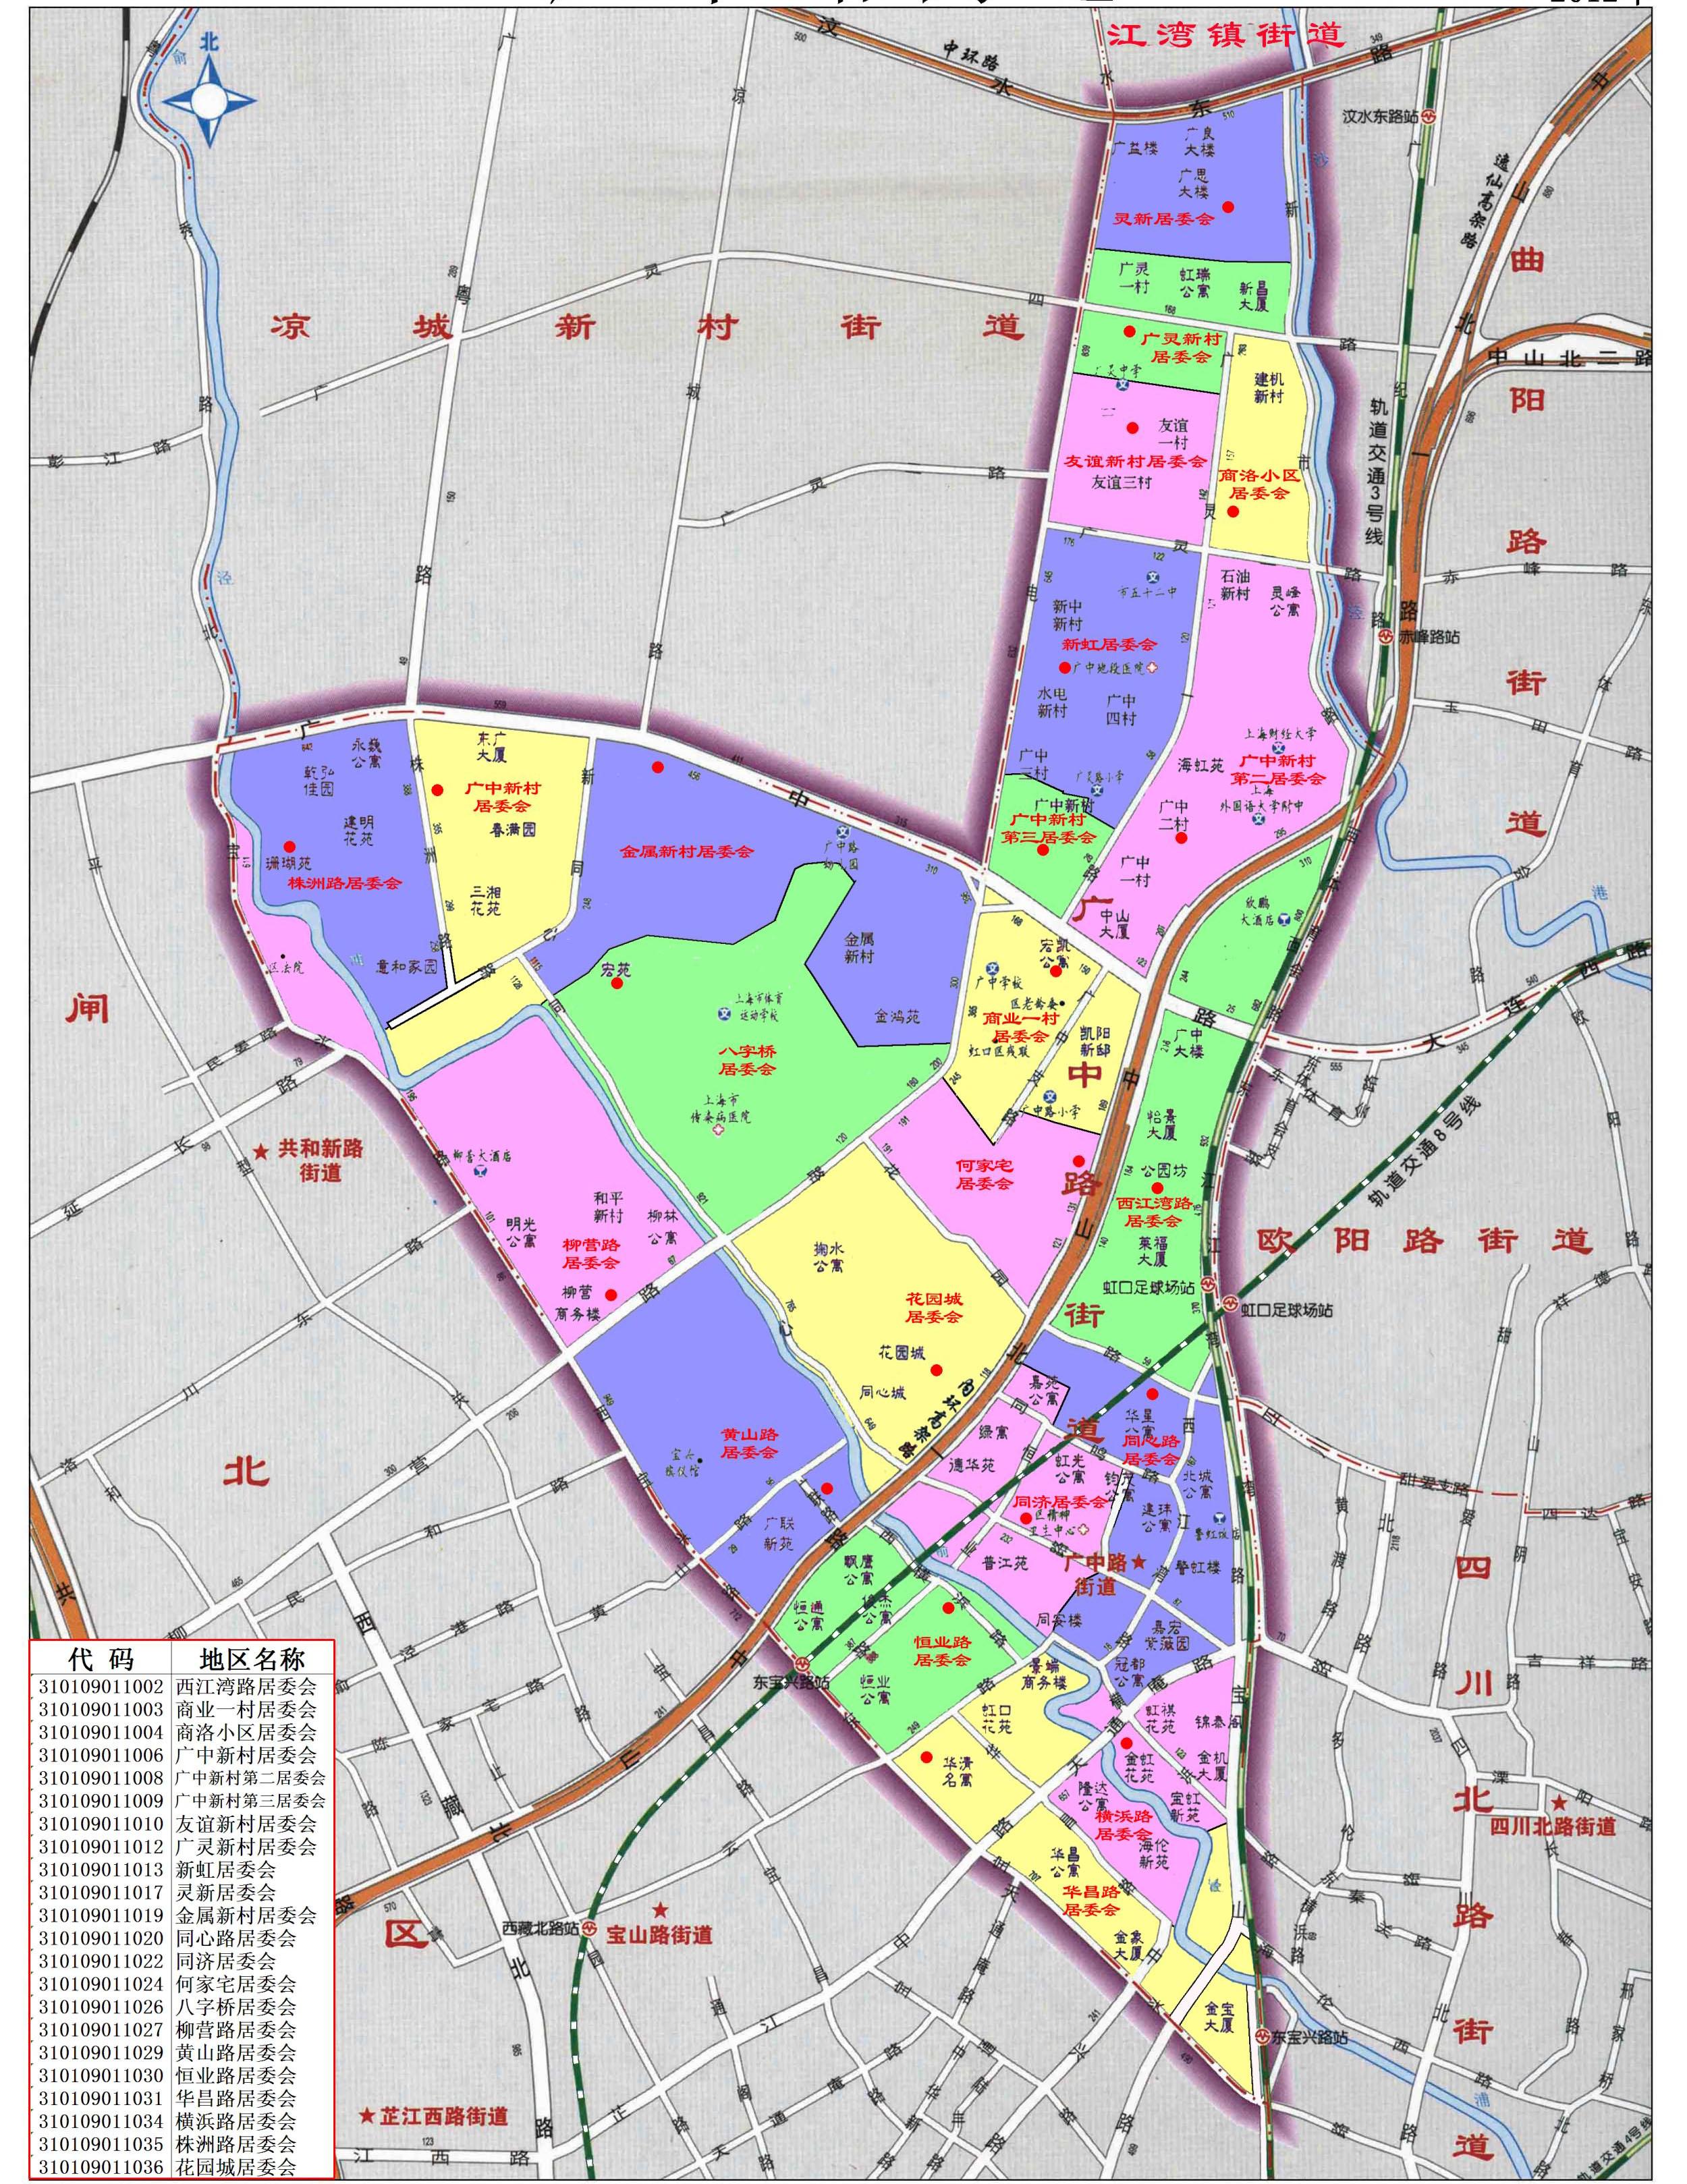 虹口区广中路街道地图